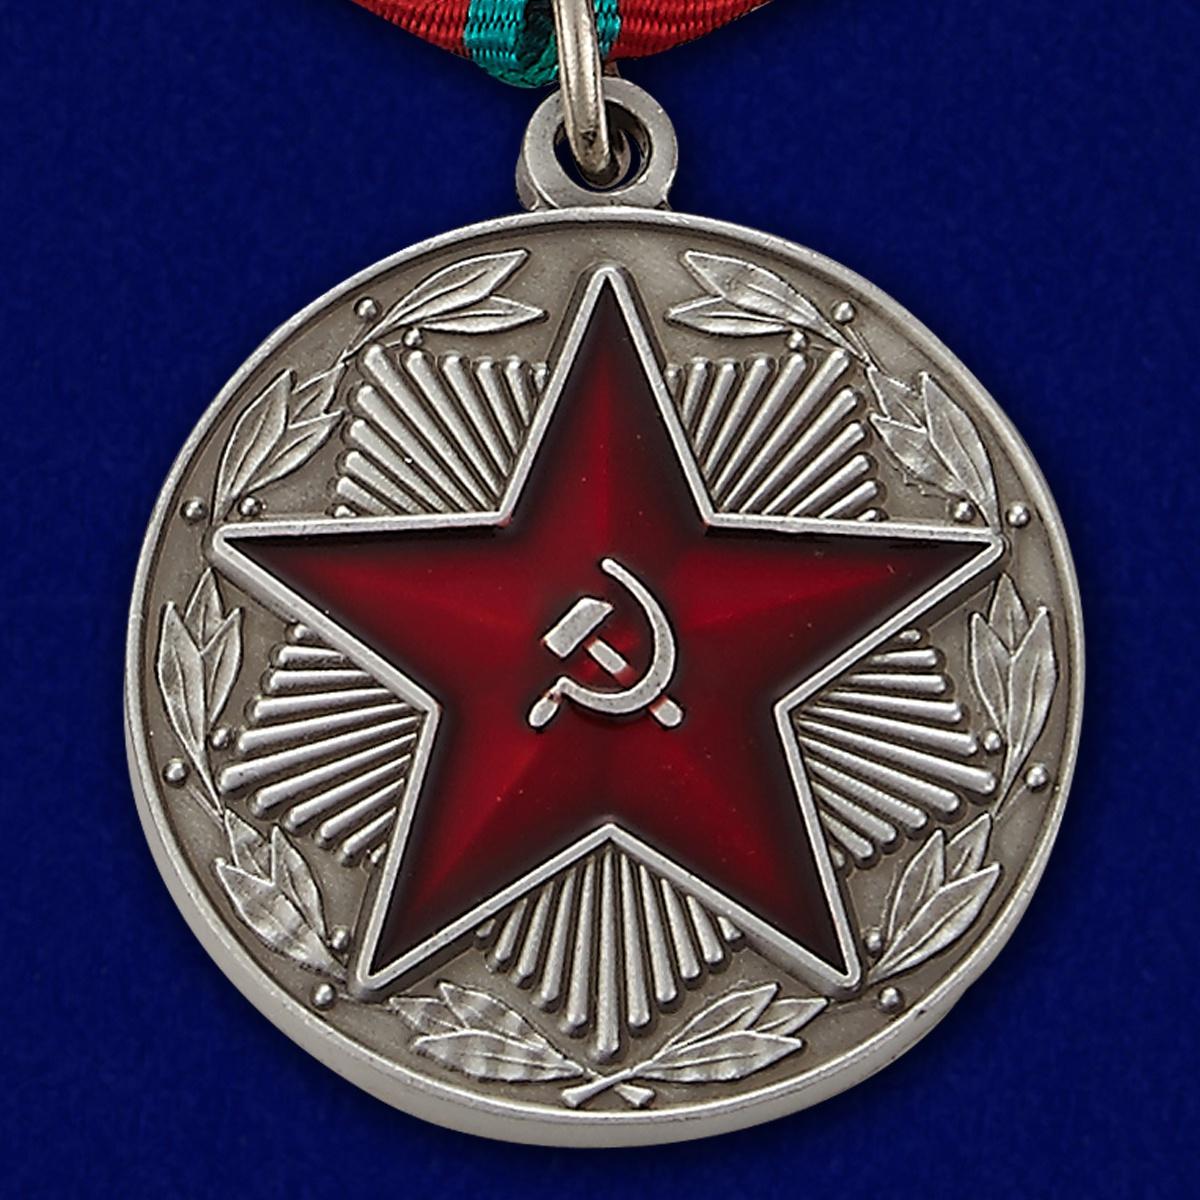 """Купить медаль """"За безупречную службу"""" МВД СССР 1 степень"""